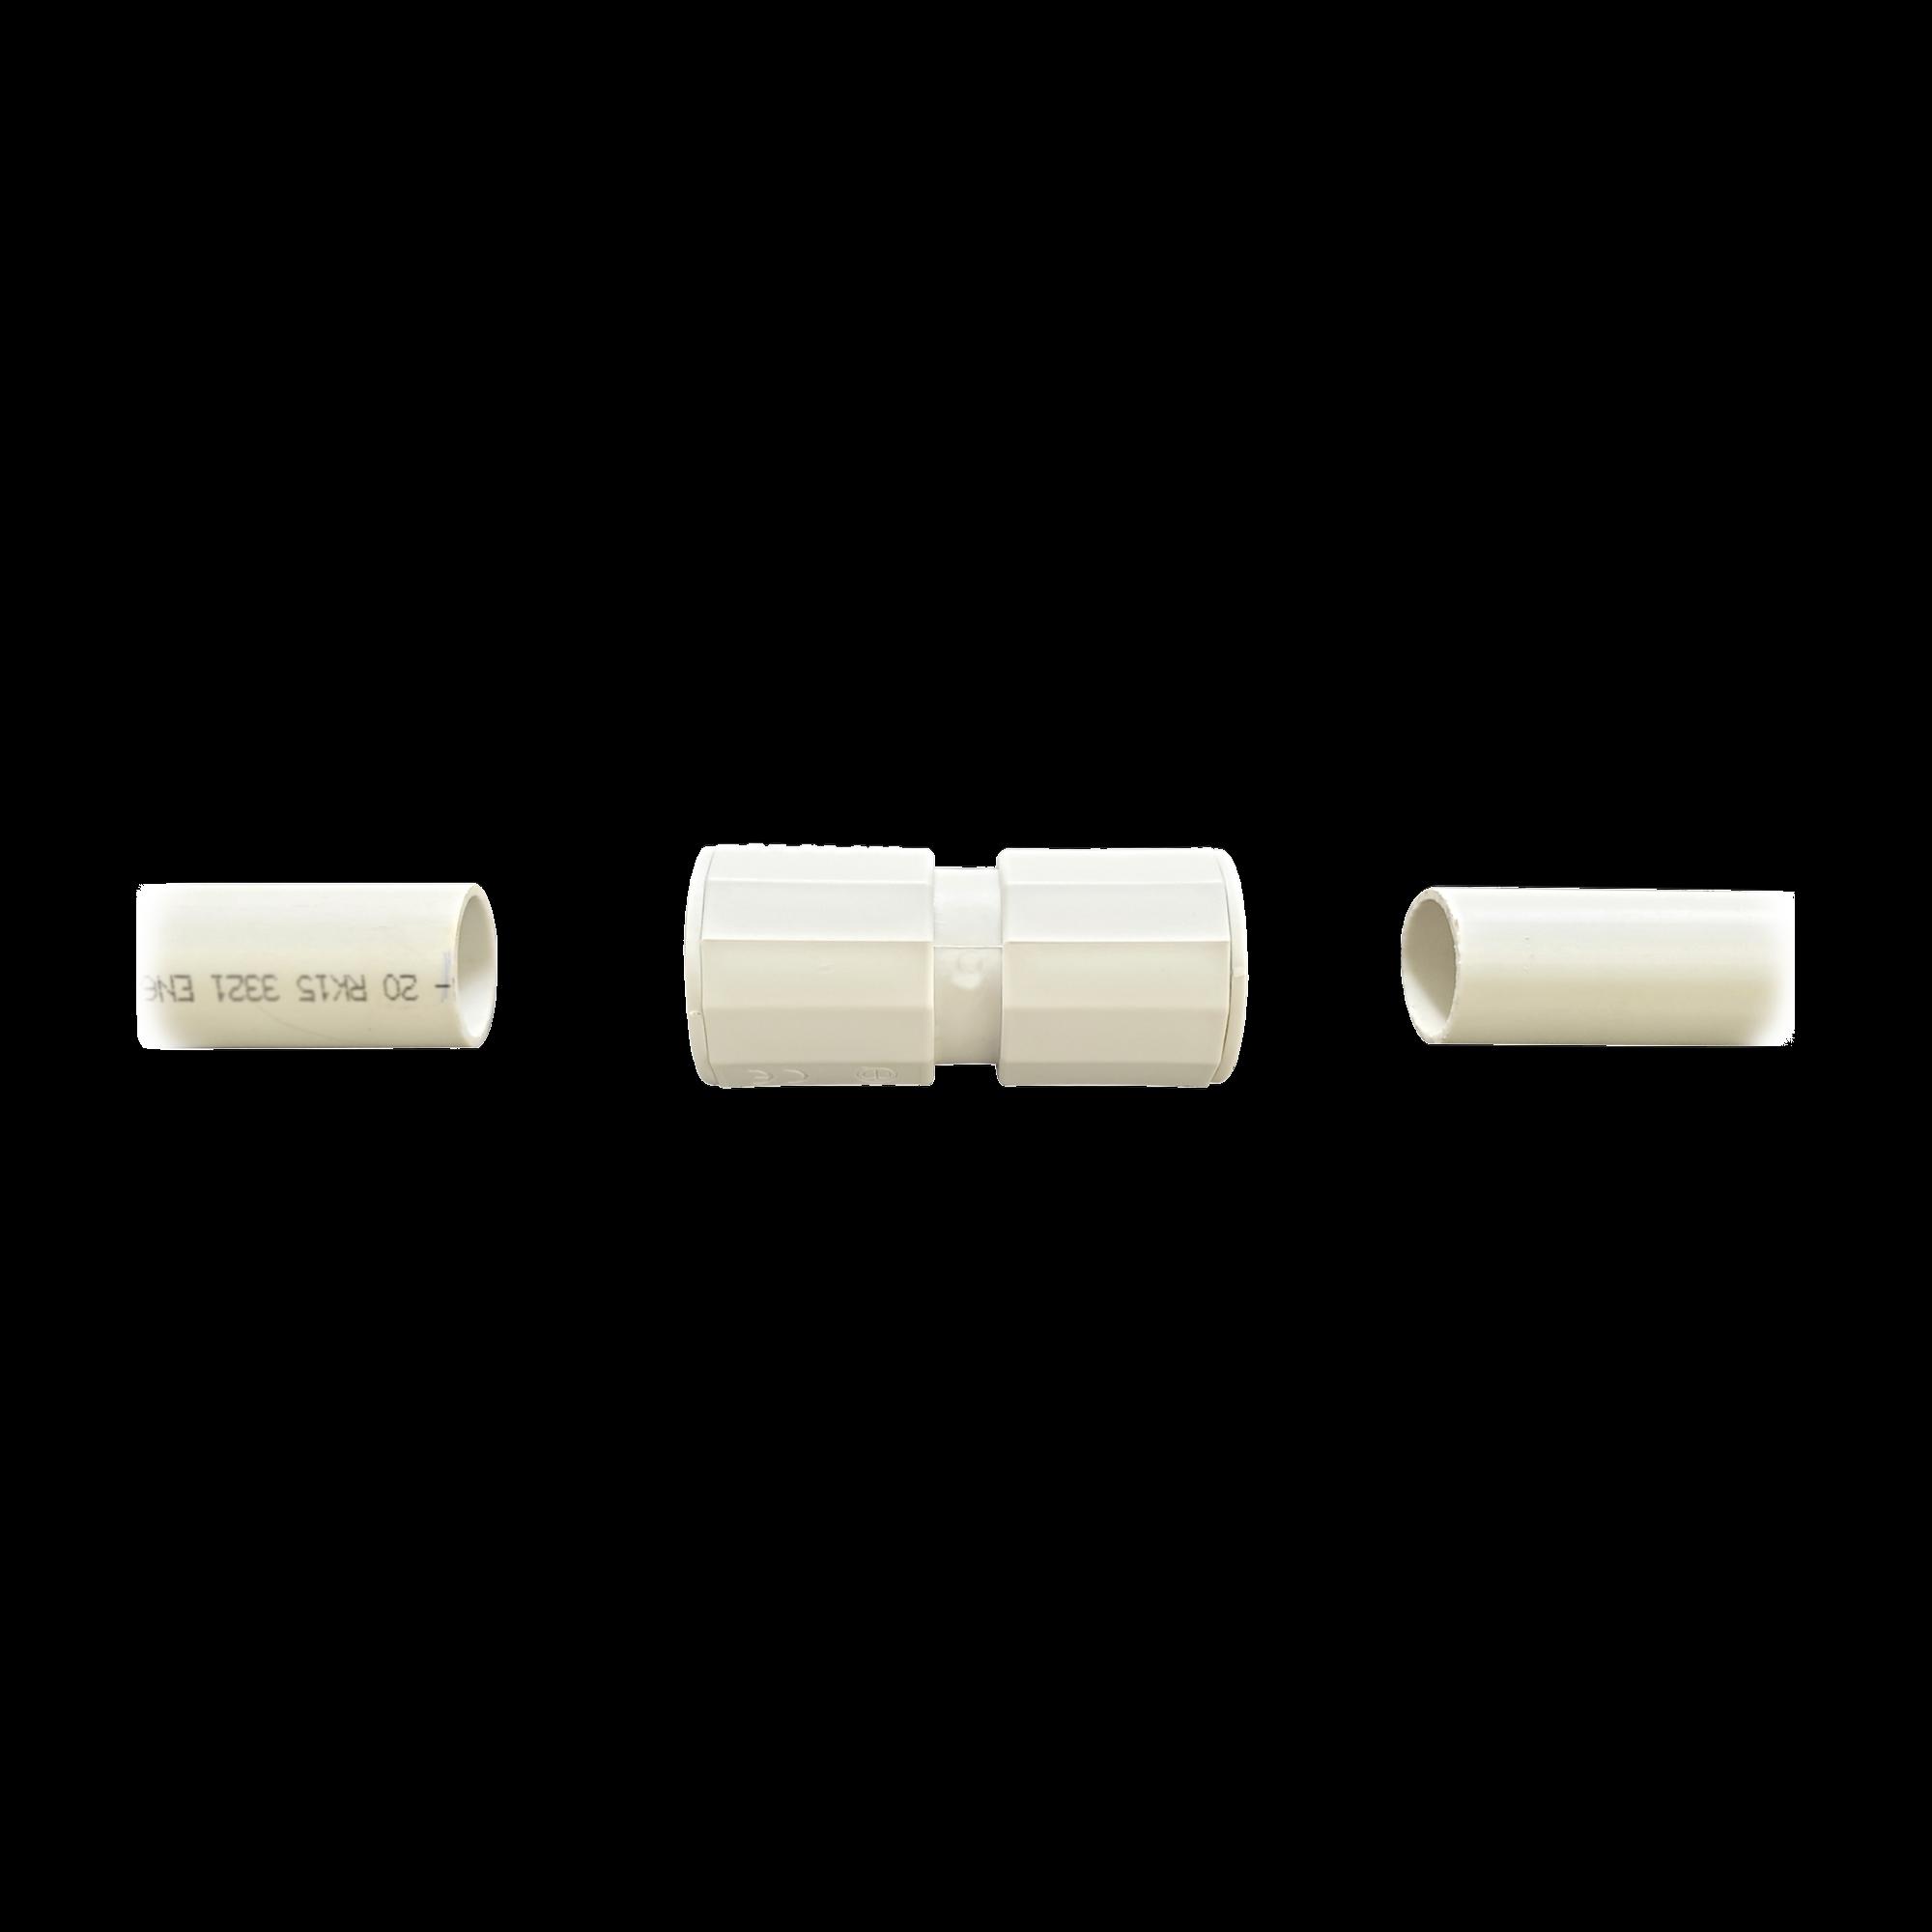 Manguito / Cople Morbidx IP67 libre de halógenos para unir tubería rígida de 40 mm (1 1/2) permite una instalación hermética no necesita pegamento